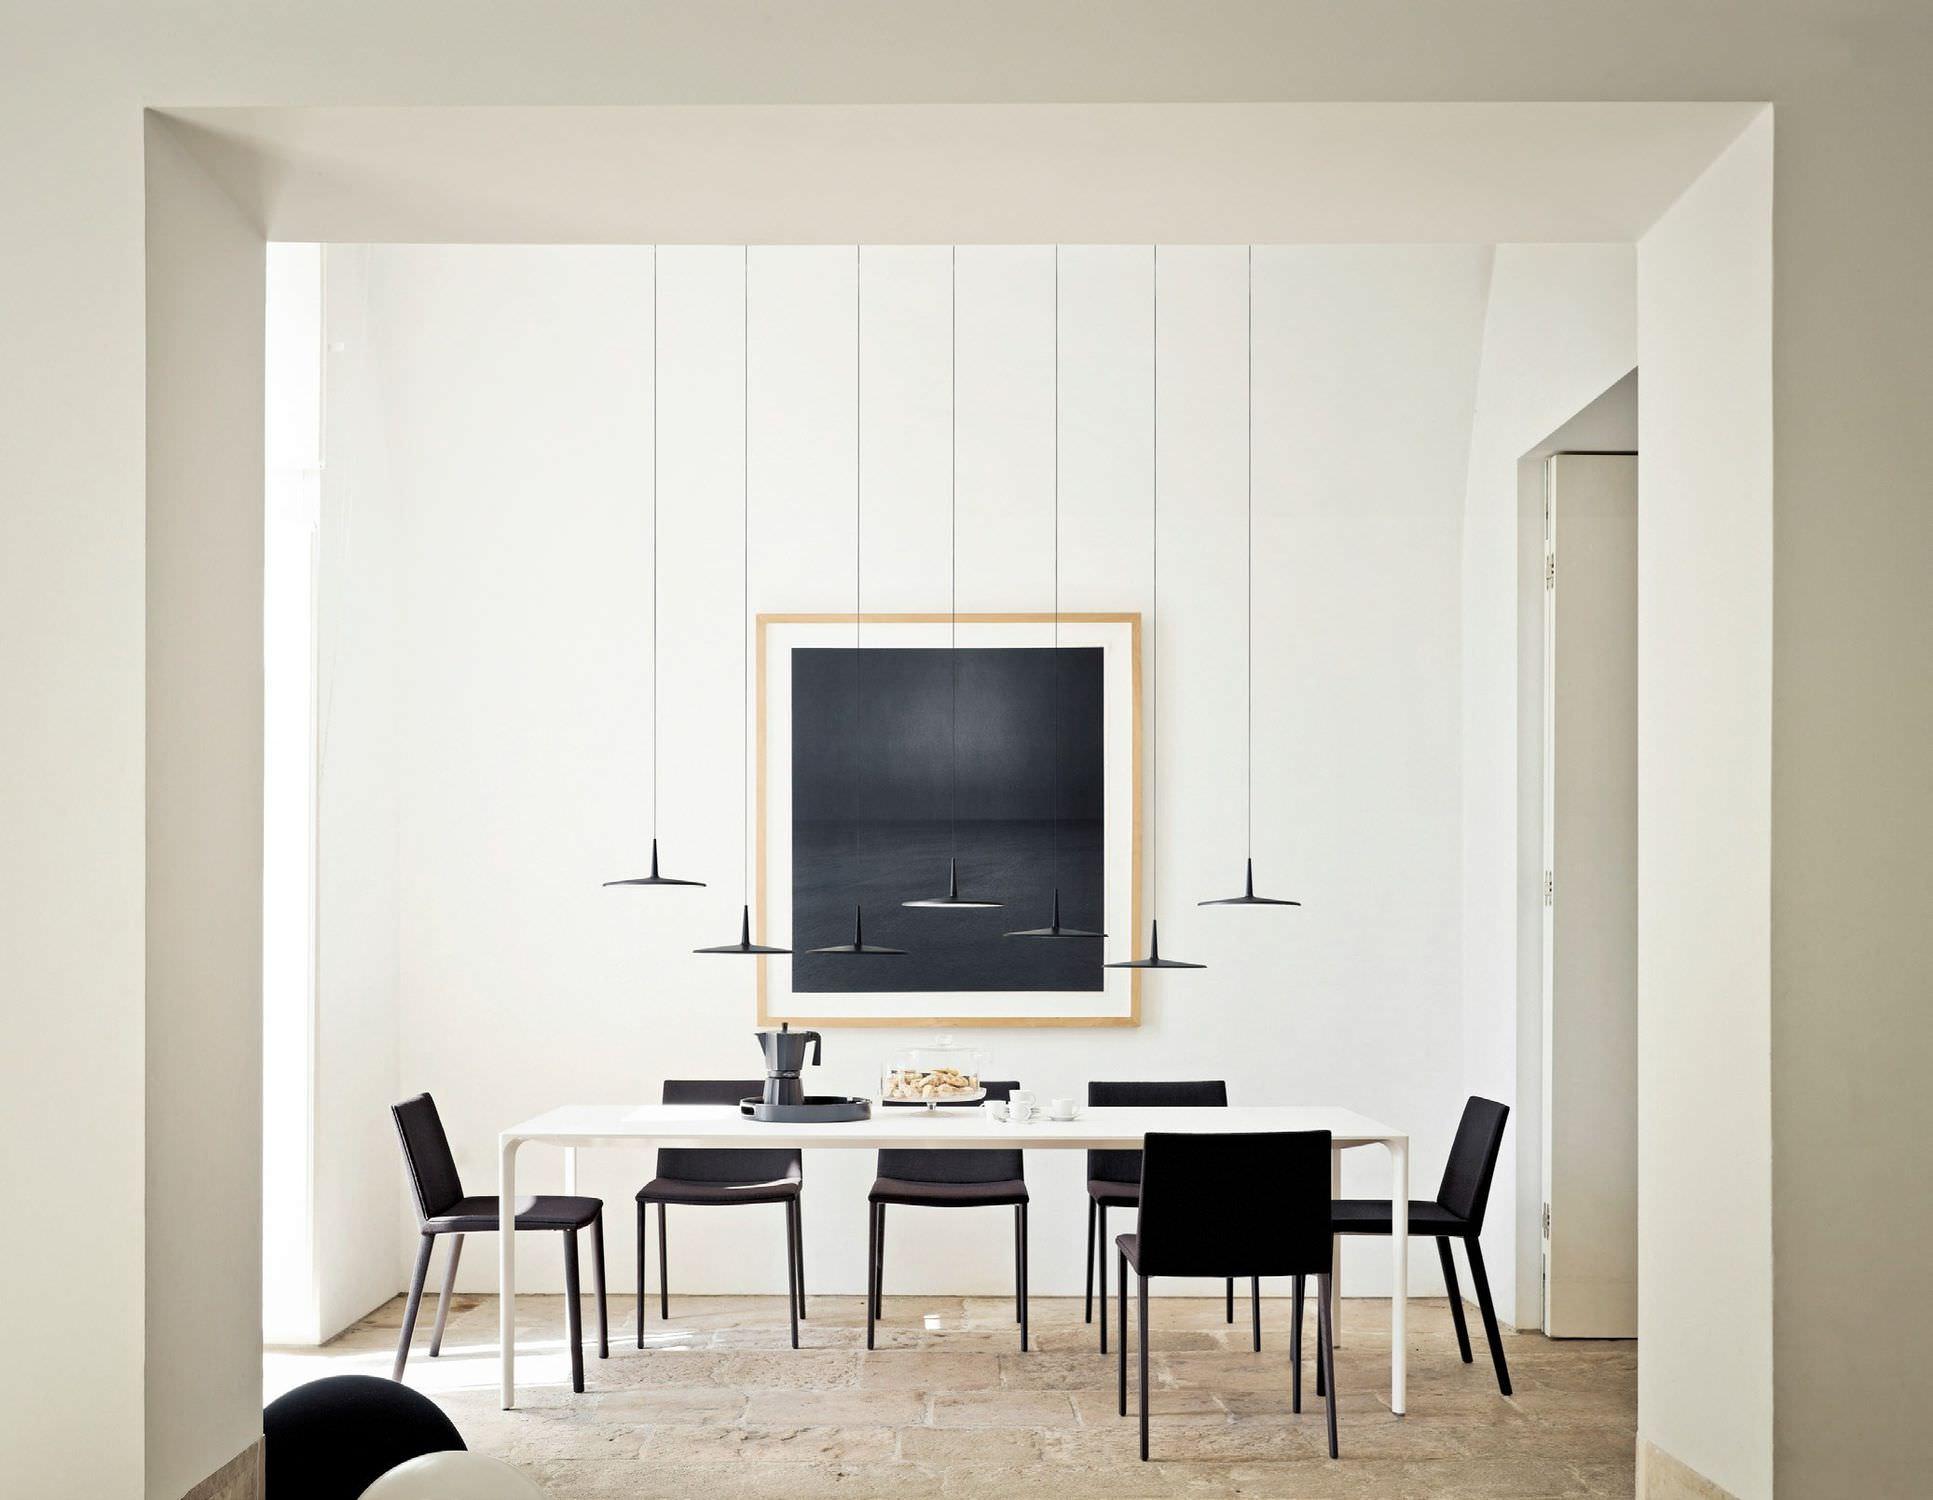 lmpara colgante moderna del studio lievore altherr molina chandelier de diseo moderno